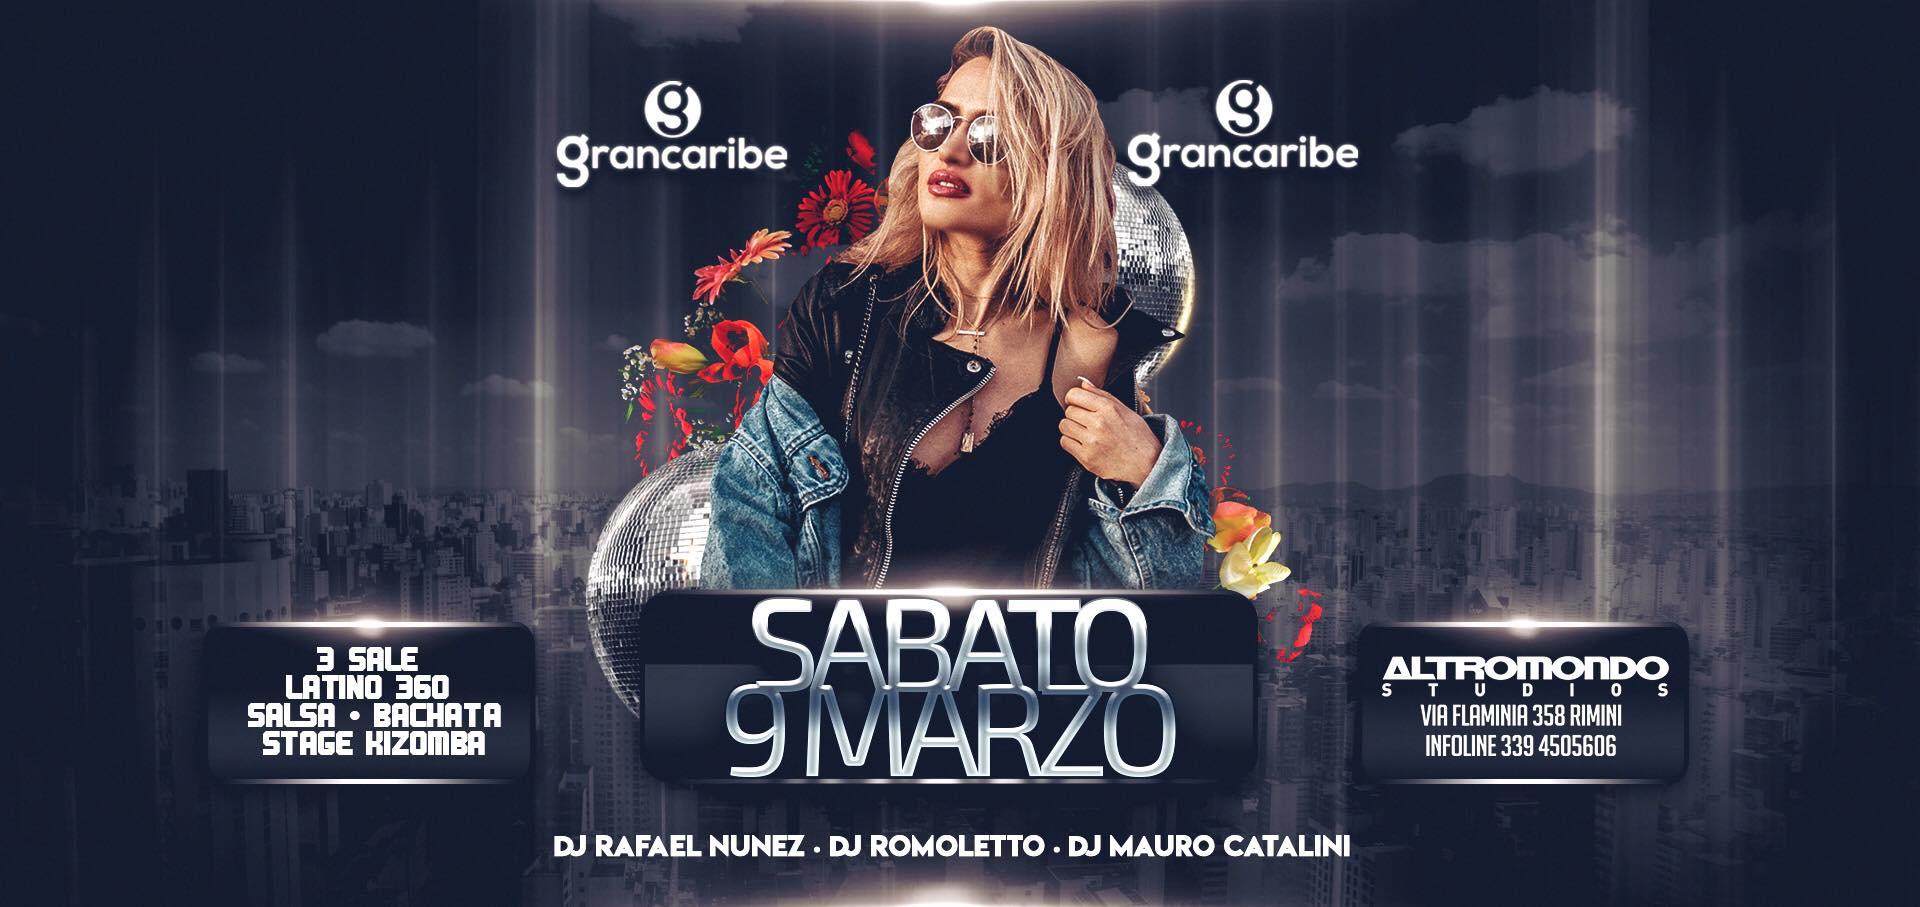 Posticipo Festa Della Donna Discoteca Altromondo Rimini